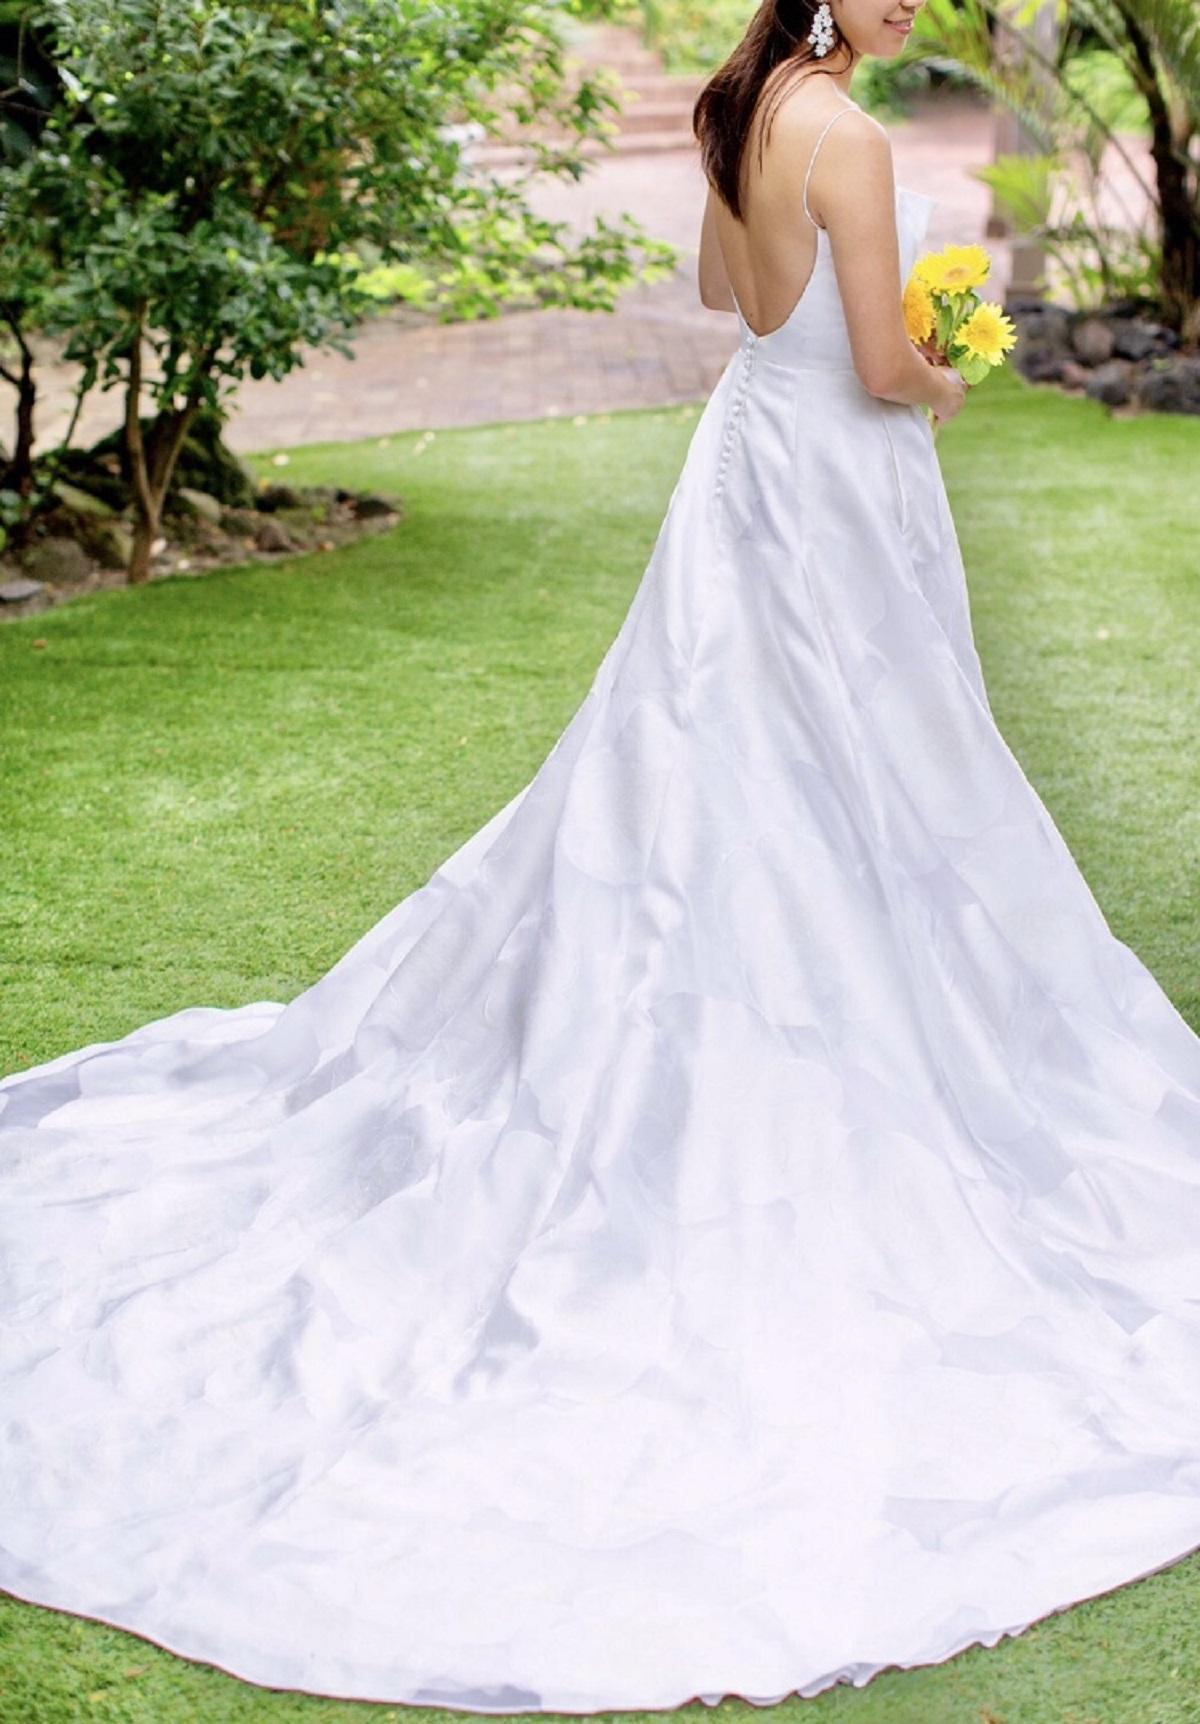 ザ・ルイガンズの爽やかな夏のパーティーにぴったりな、軽やかで透明感ある生地が素敵なレンタルウエディングドレス